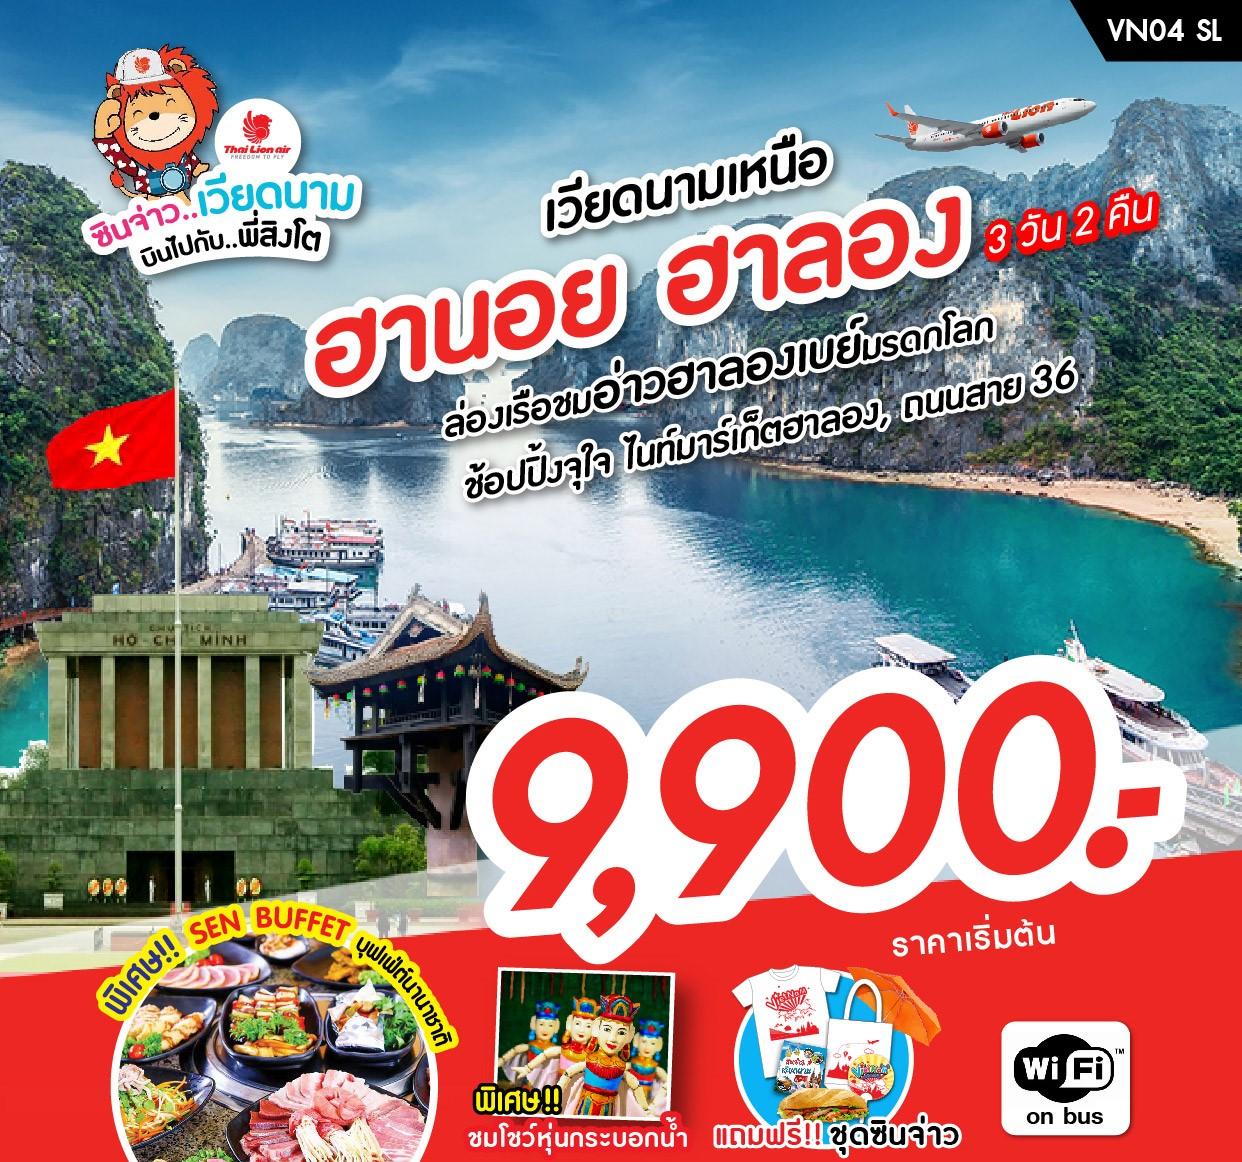 ปีใหม่-ทัวร์เวียดนาม-ฮานอย-ฮาลอง-3วัน2คืน-(NOV18-MAR19)-VN04